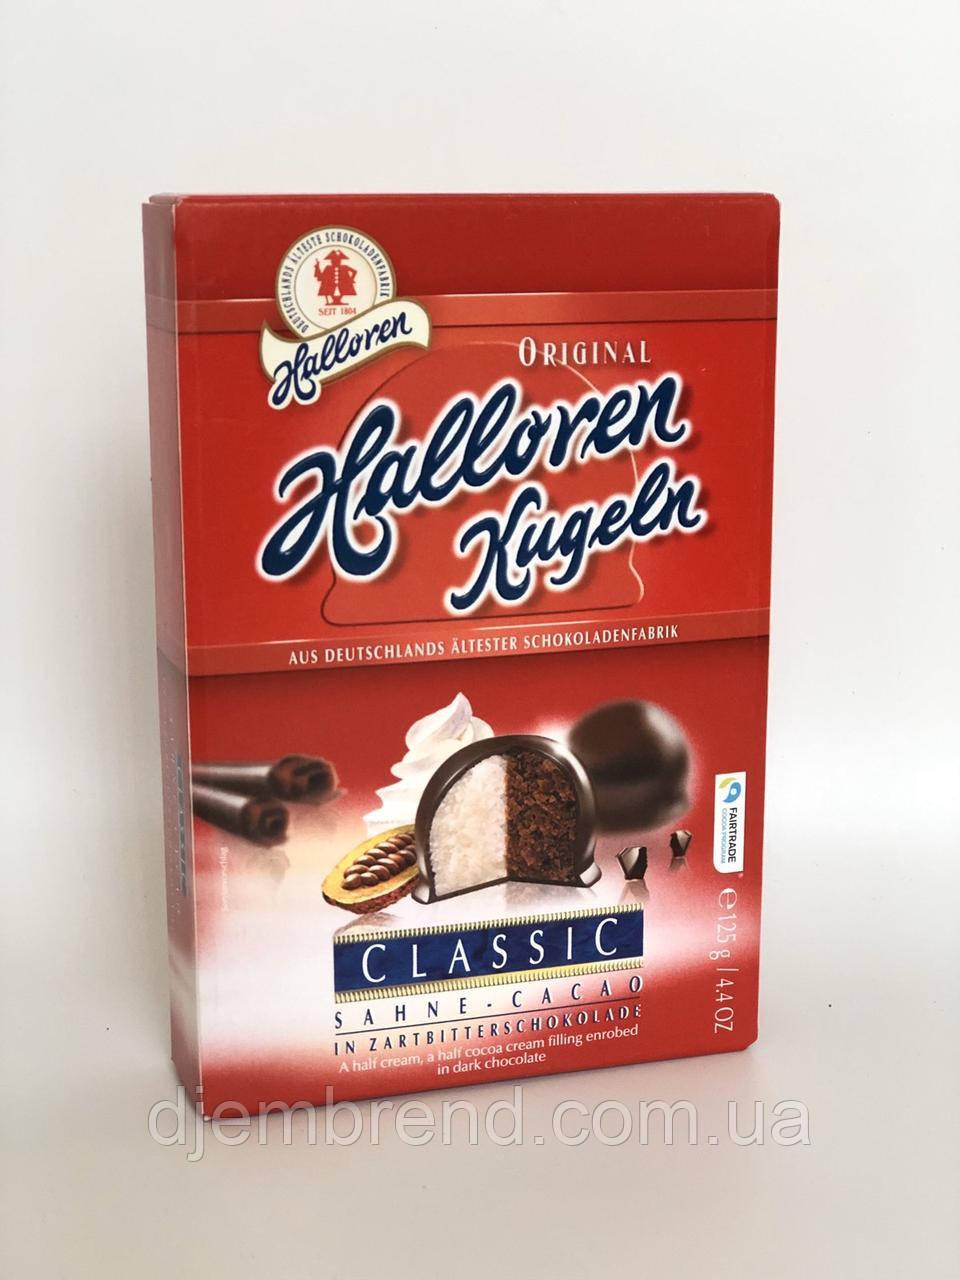 Конфеты Sahne-Cacao Halloren Kugeln (какао-сливки) 125г Германия